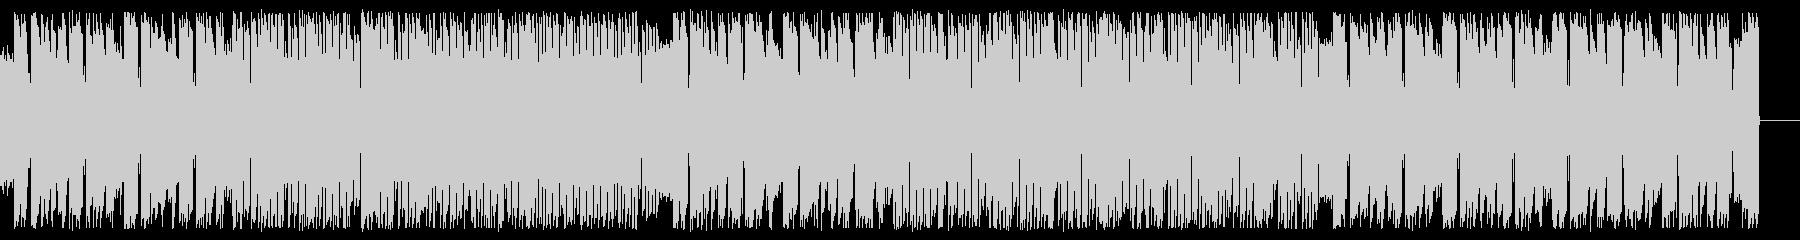 疾走感 ノリノリチップチューン 8bitの未再生の波形